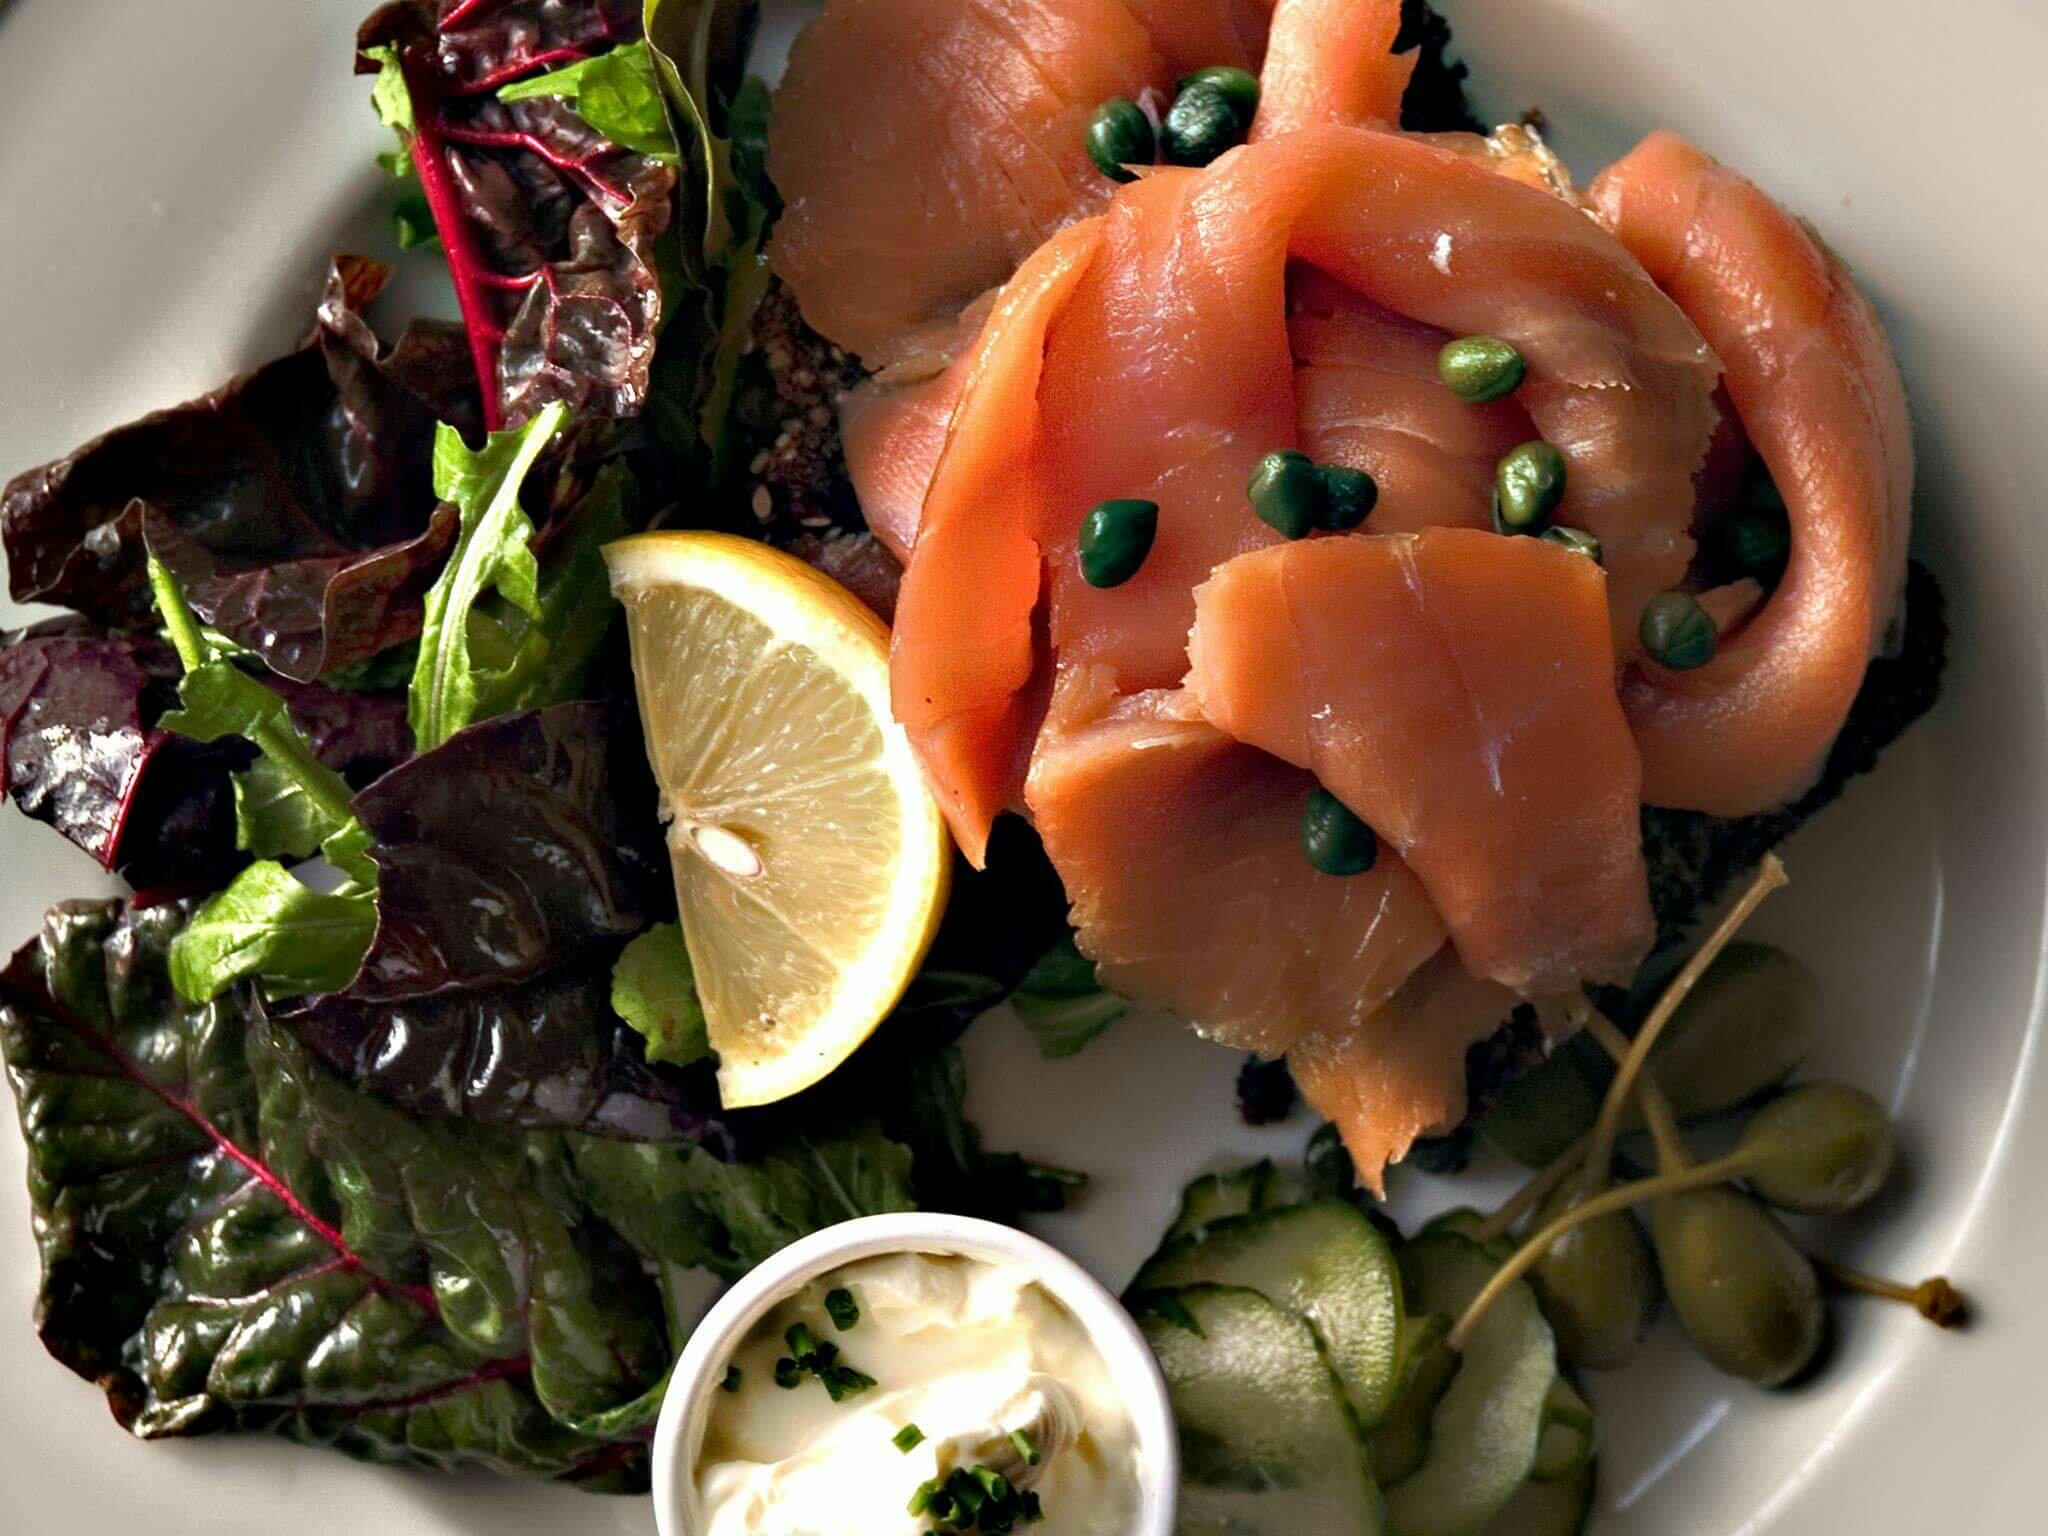 愛爾蘭美食三文魚在都柏林吃煙三文魚 Try Smoked Salmon in Dublin Ireland